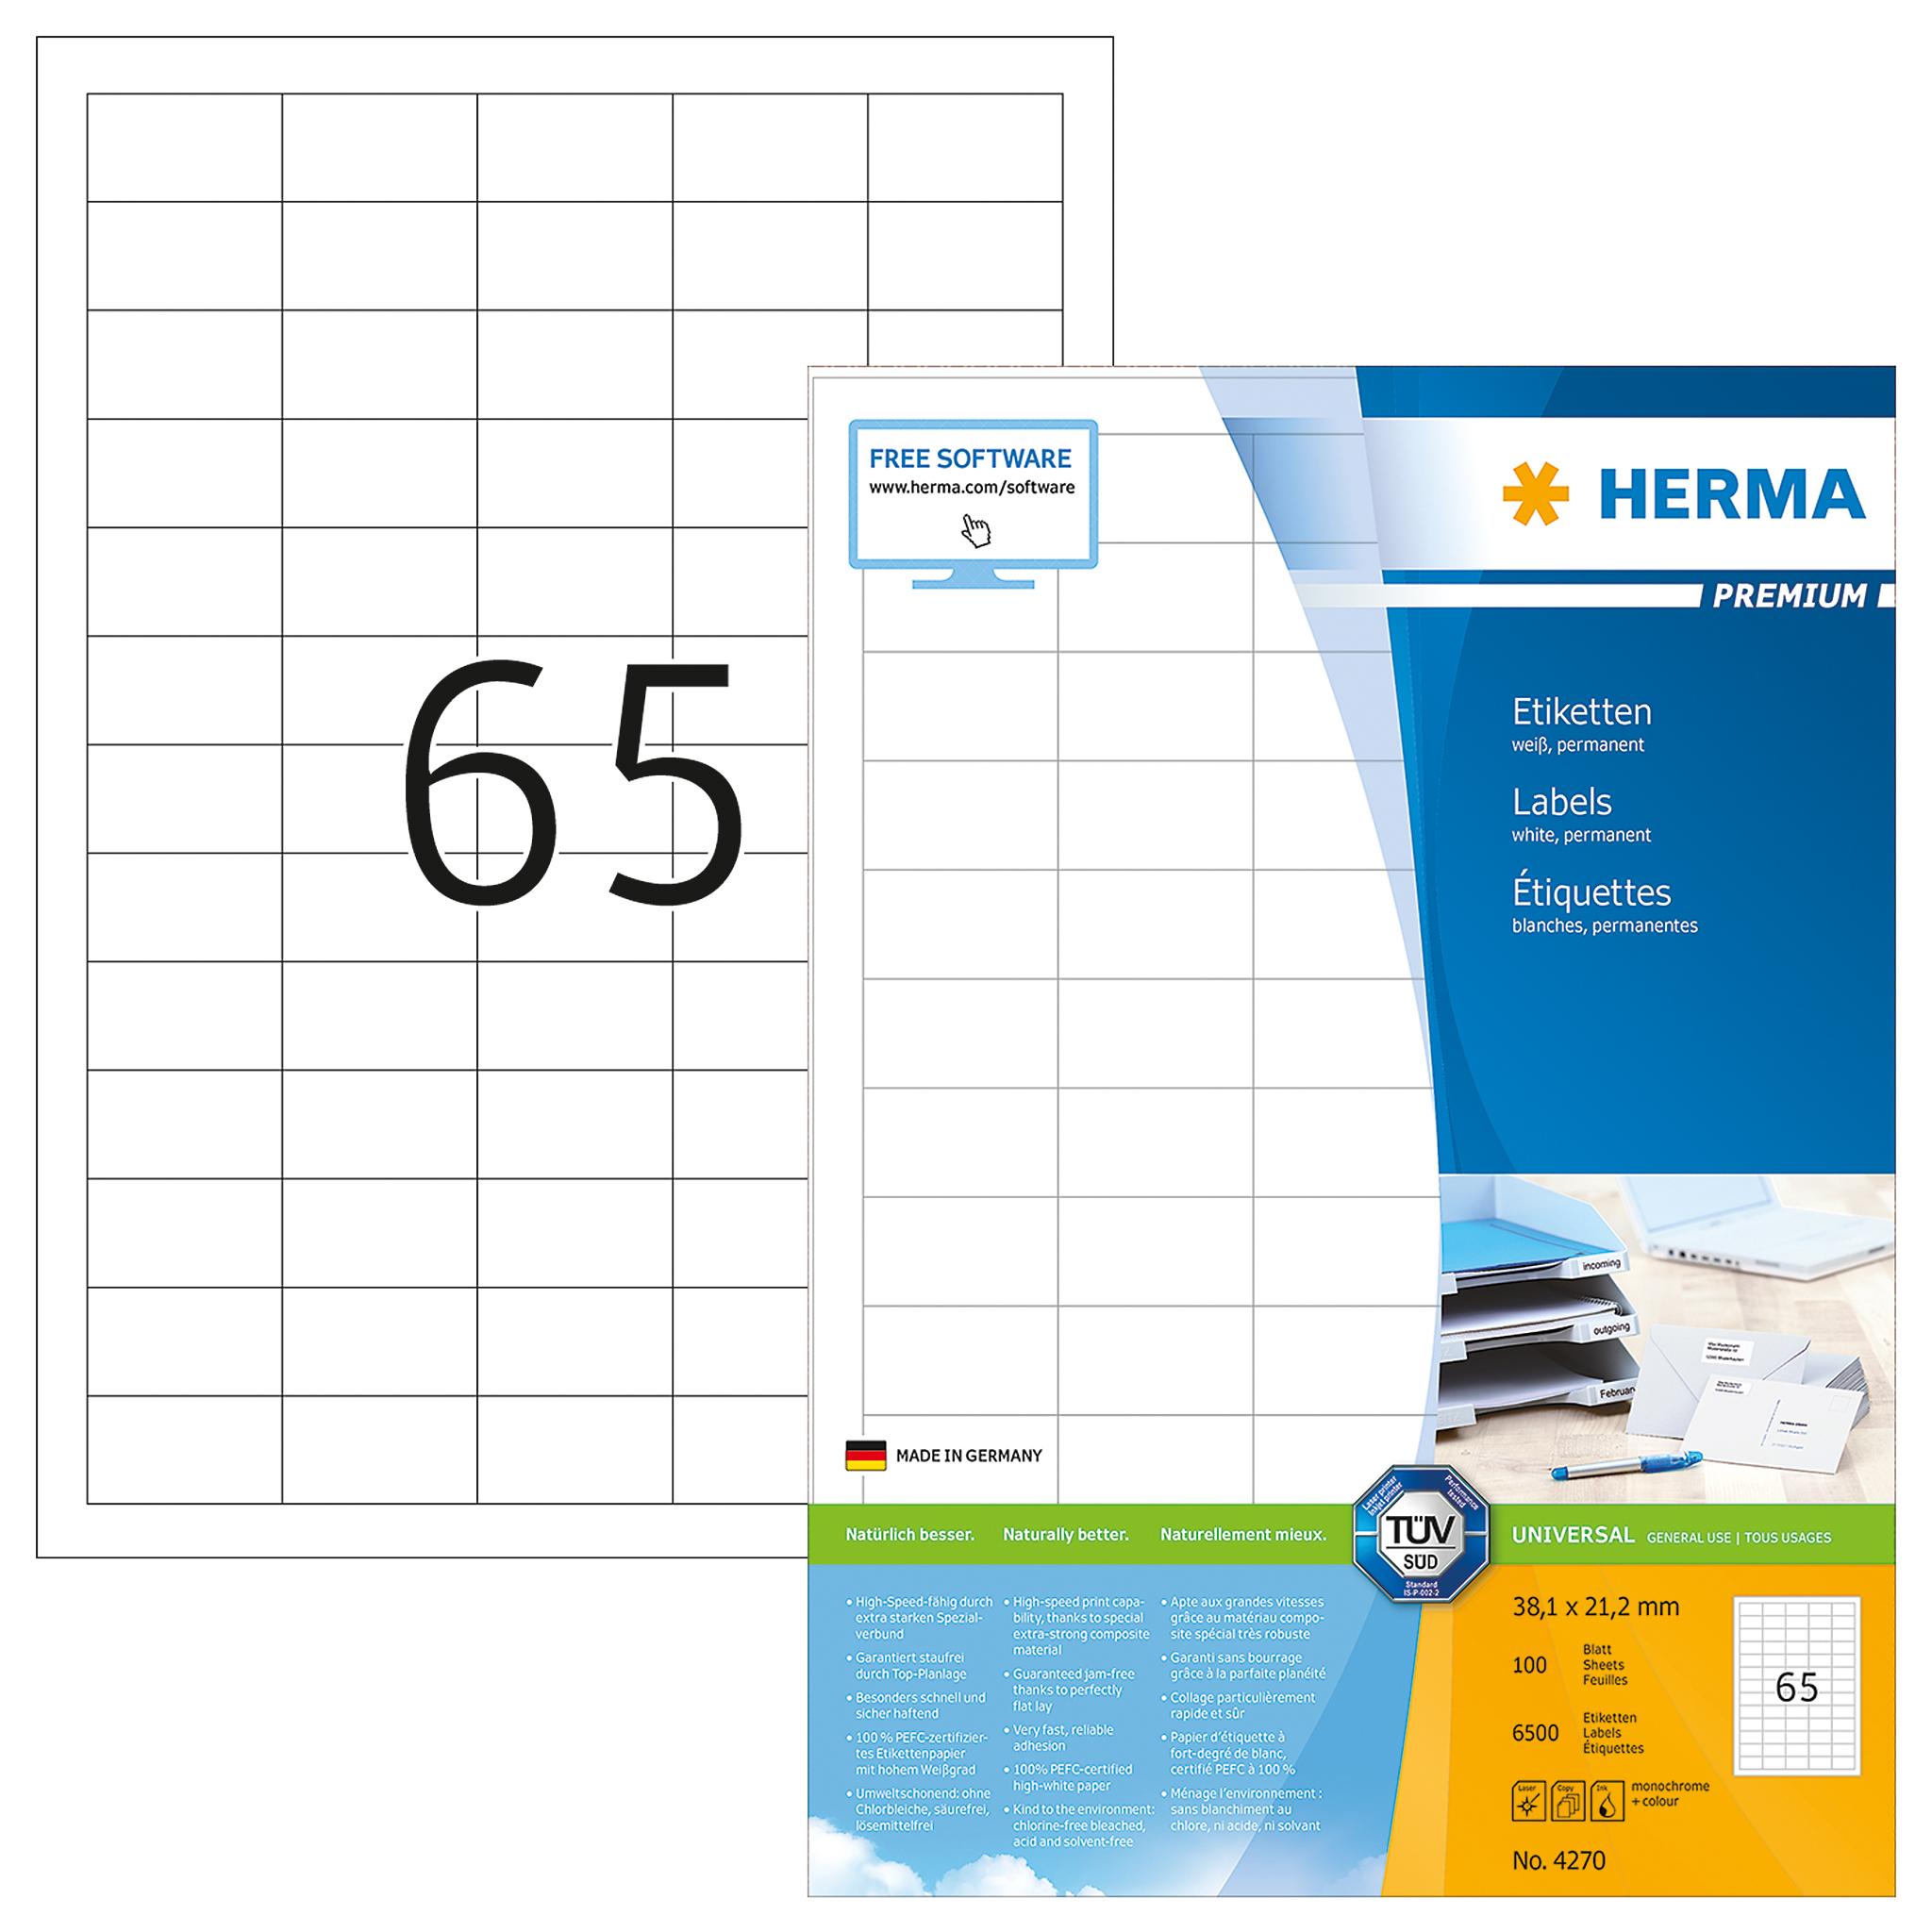 Herma Etiketten 38,1x21,2mm weiß Nr.4270, 6500 Stk.